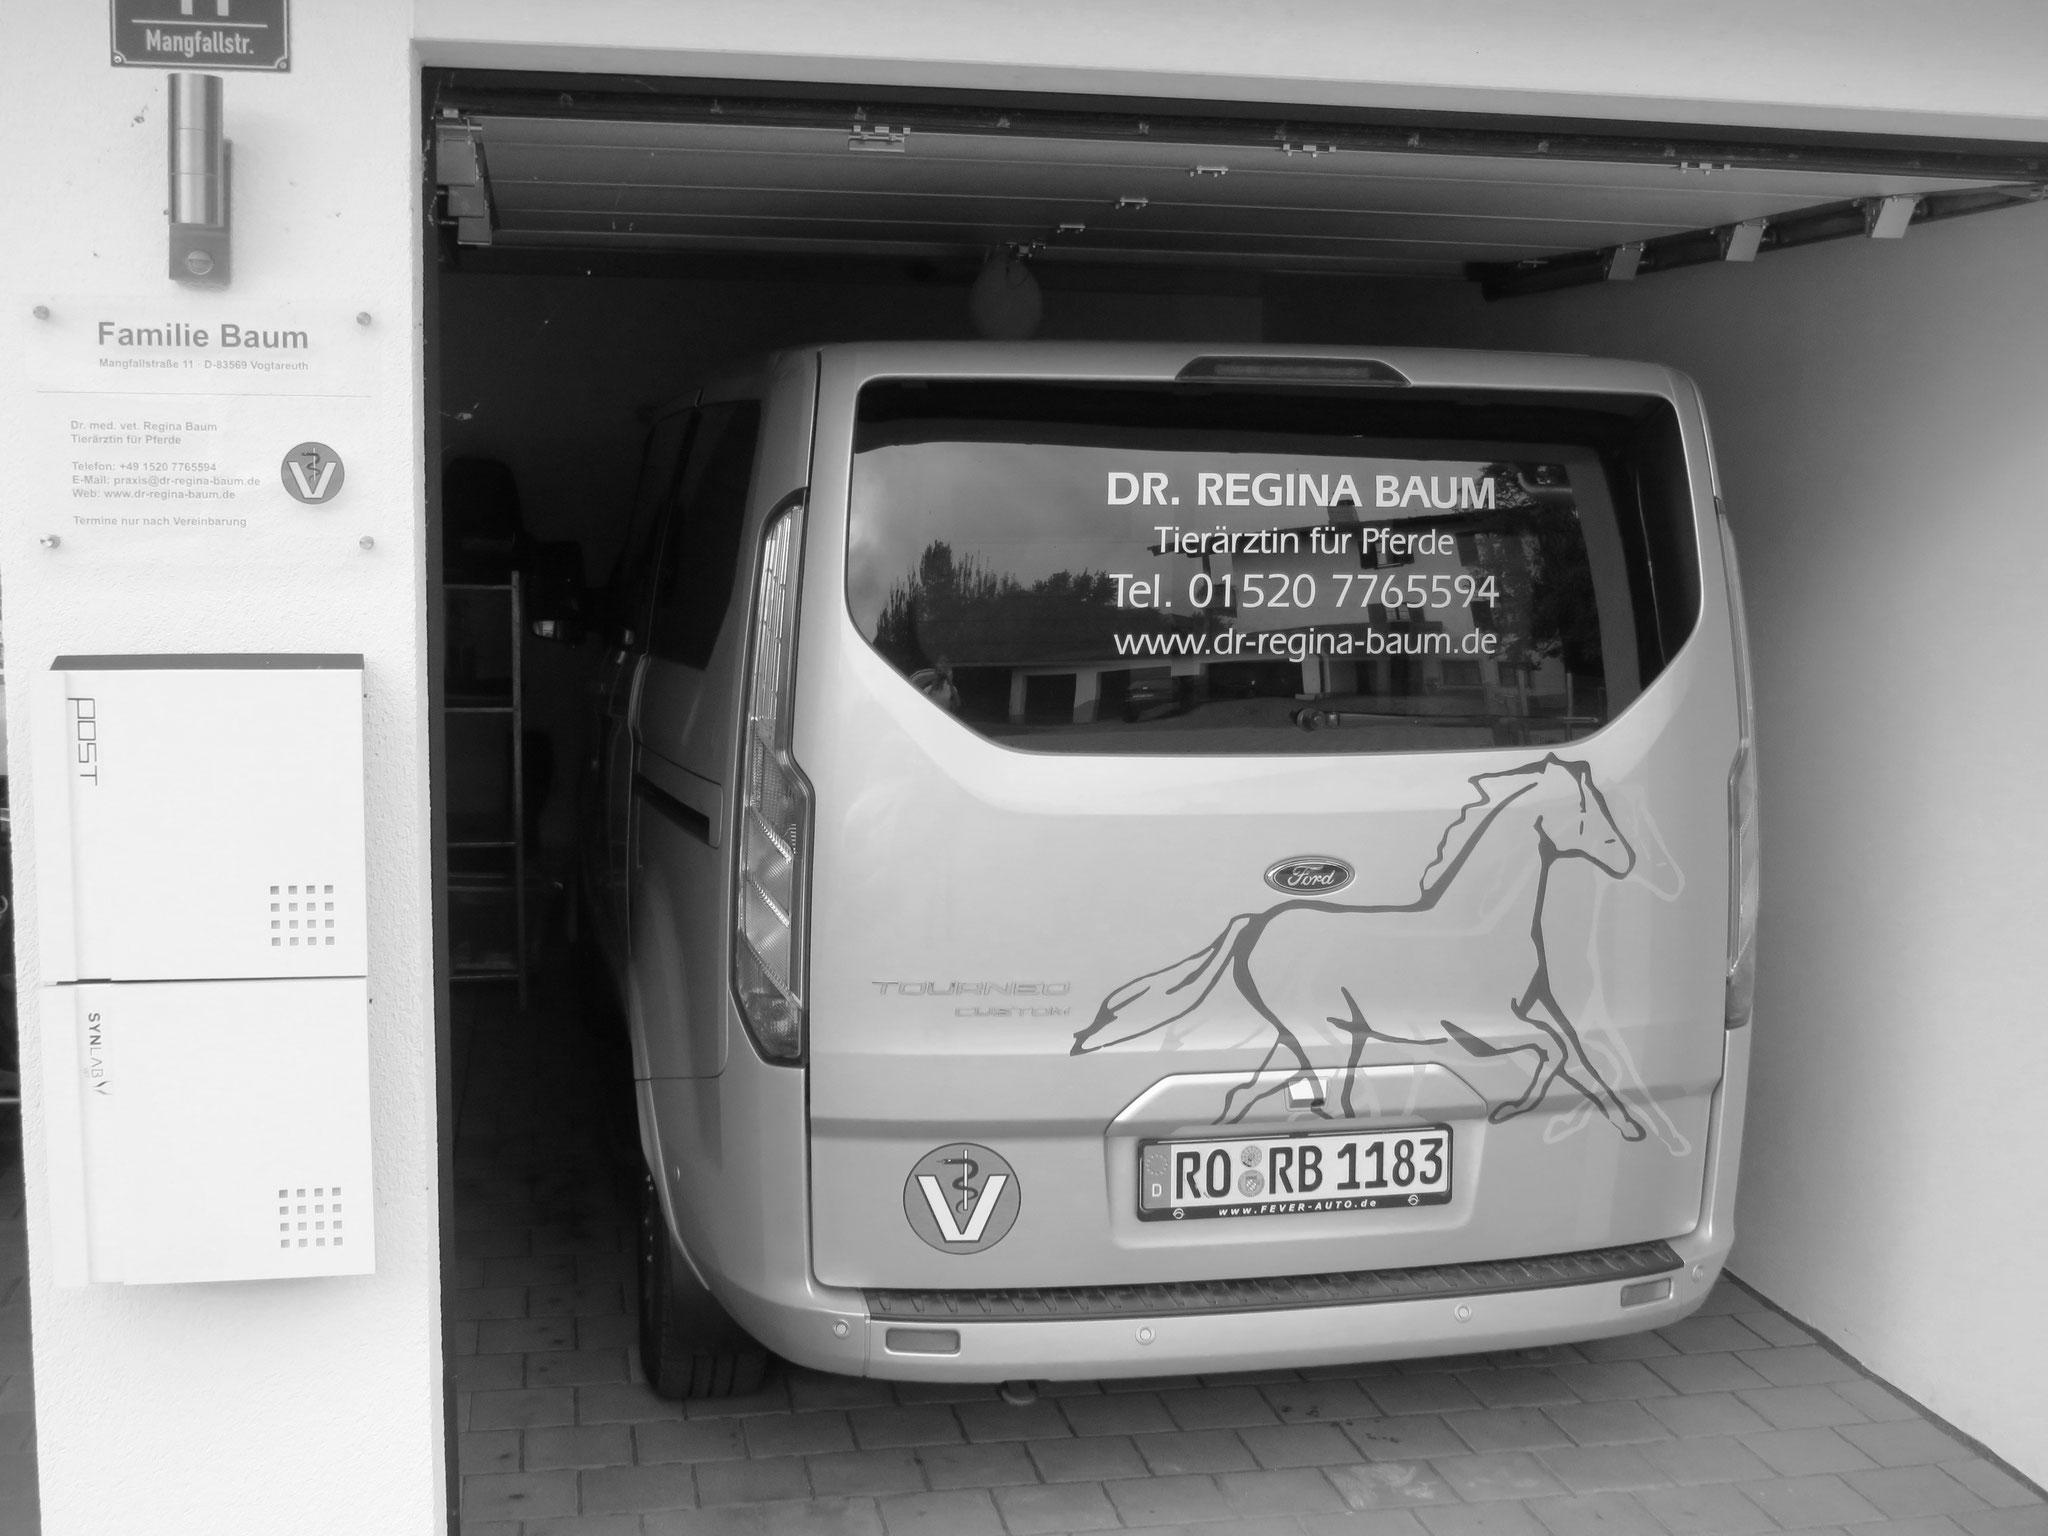 Praxisfahrzeug in der Garage